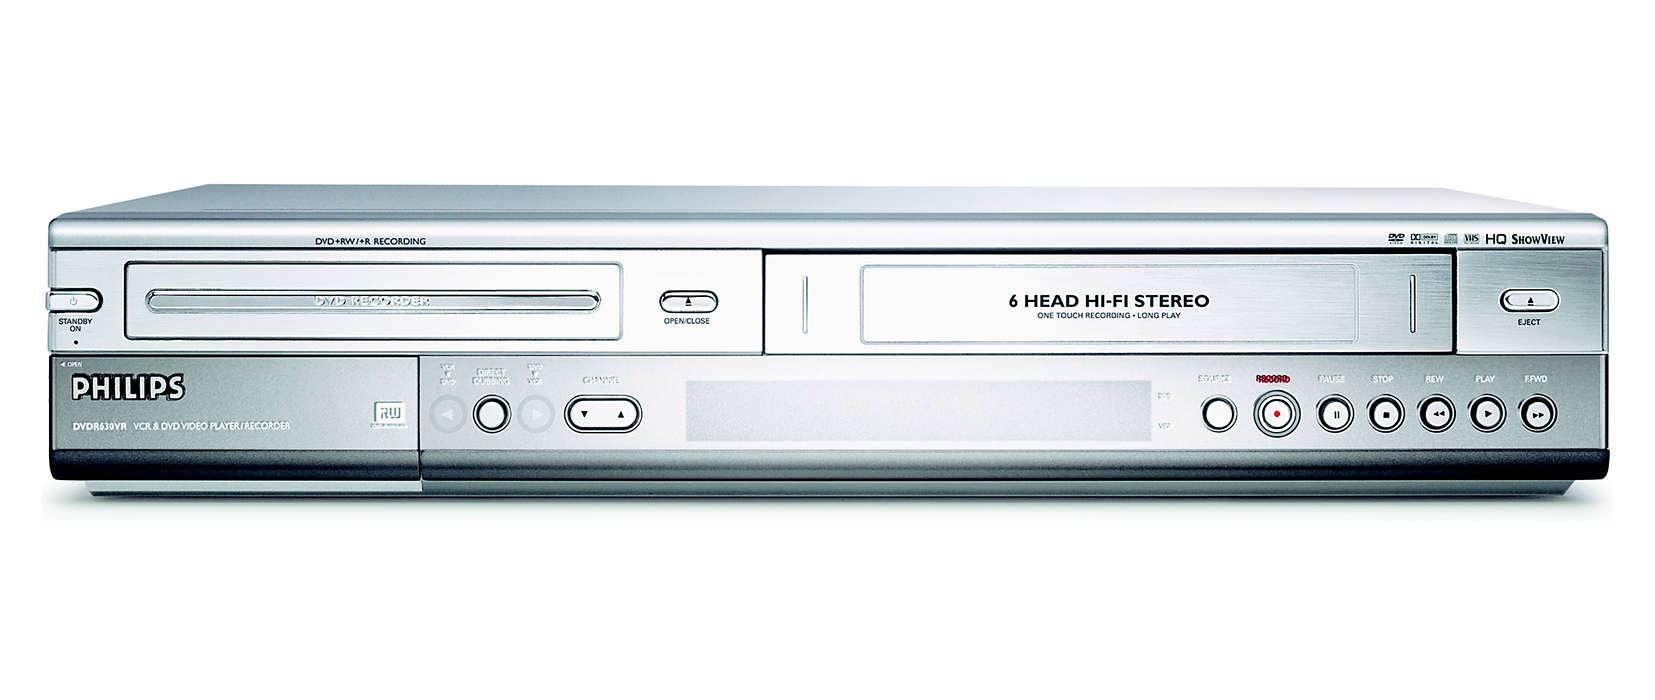 Zachowaj na zawsze nagrania VHS na płytach DVD